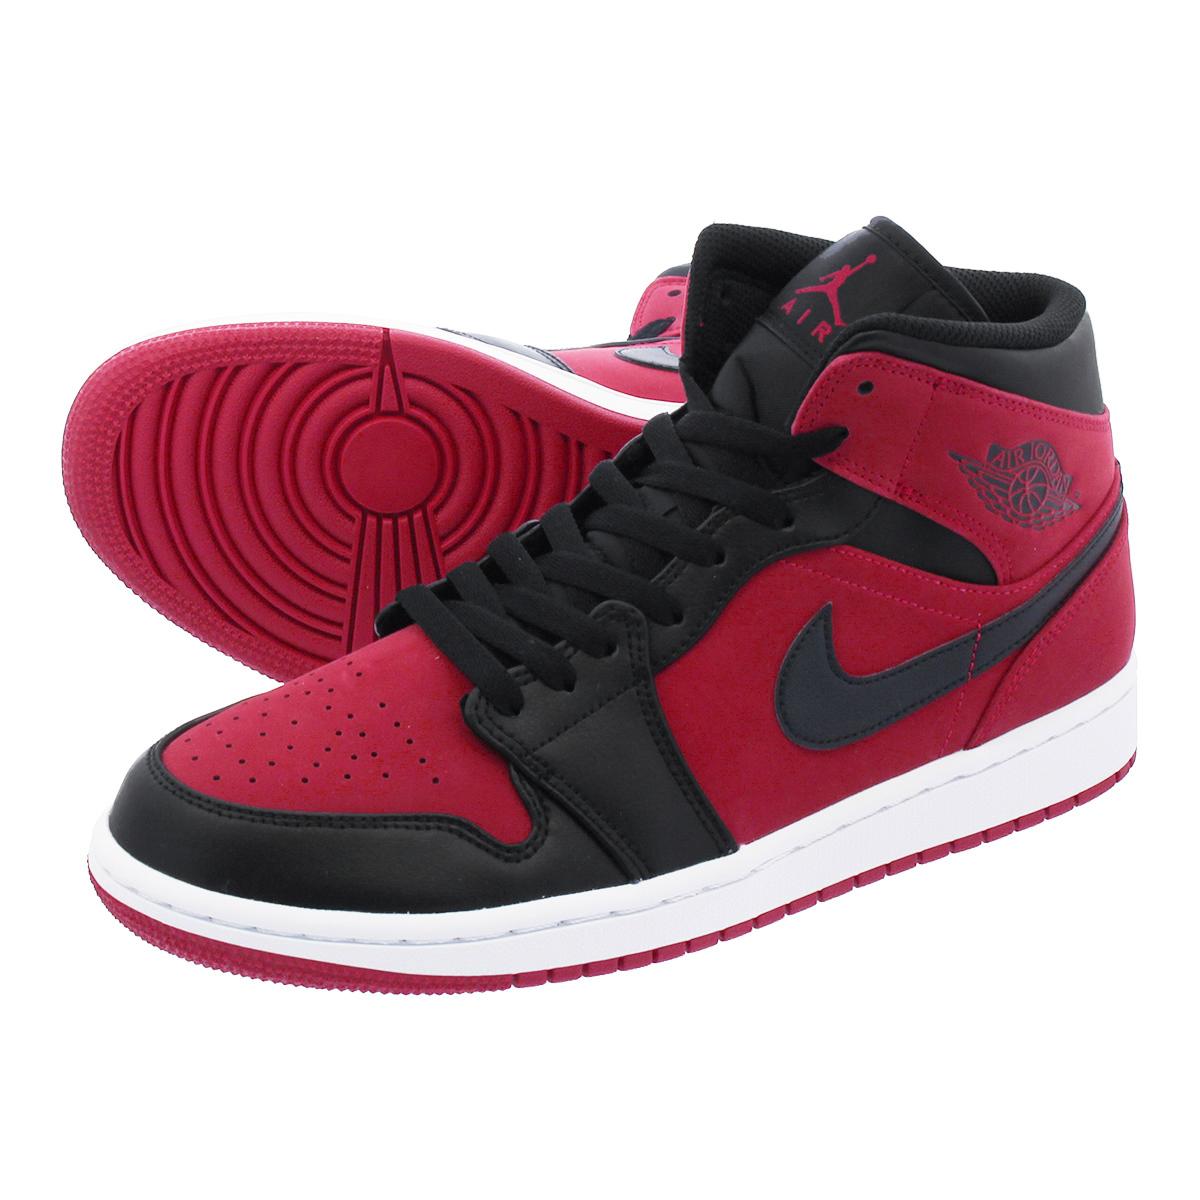 8945a4ea61e30a LOWTEX PLUS  NIKE AIR JORDAN 1 MID Nike Air Jordan 1 mid GYM RED ...